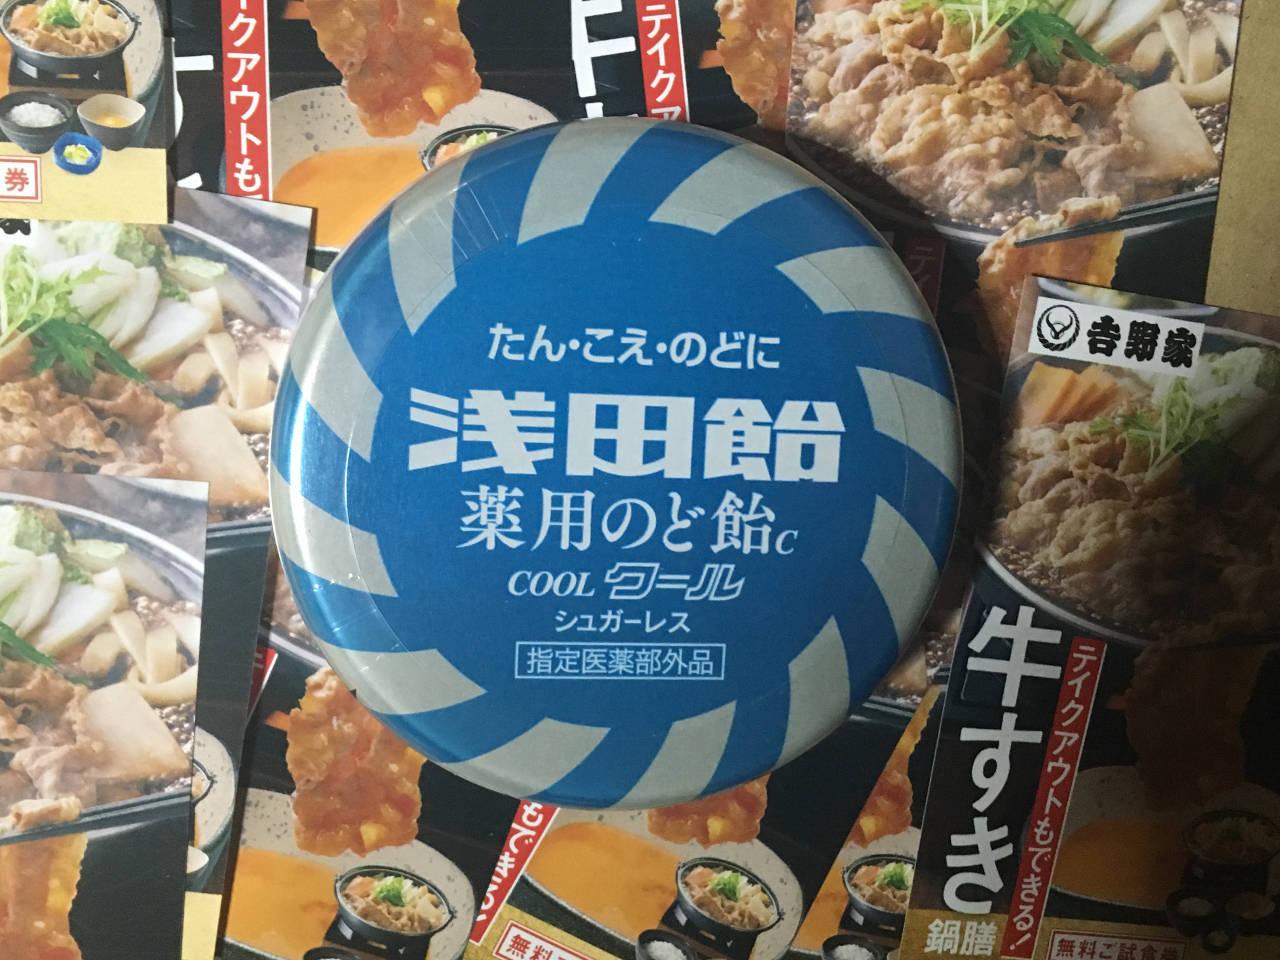 浅田飴と吉野家 牛すき鍋膳セット並盛 鬼辛チャレンジ キャンペーン